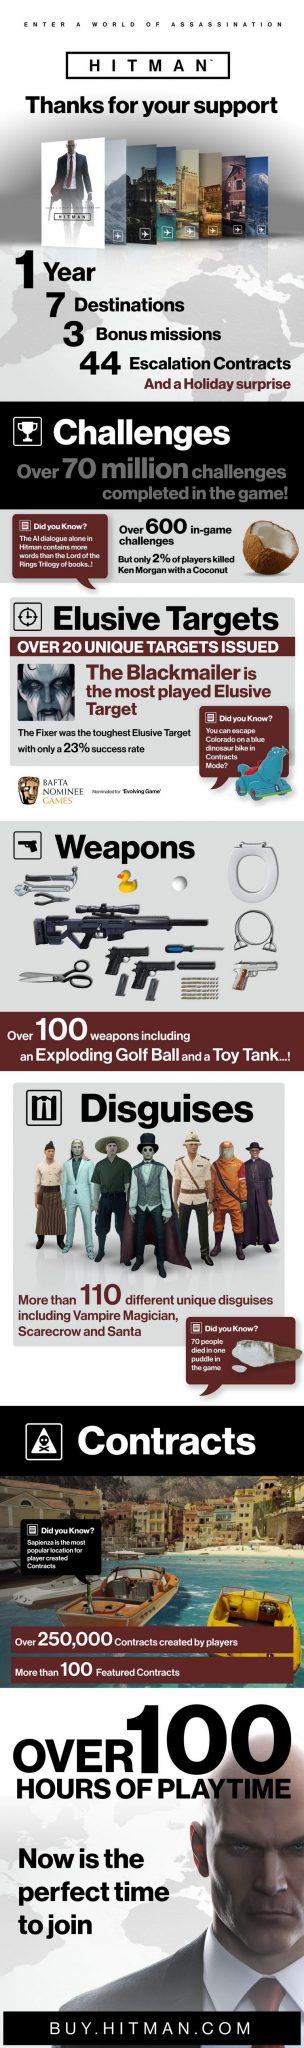 HITMAN - Infographic